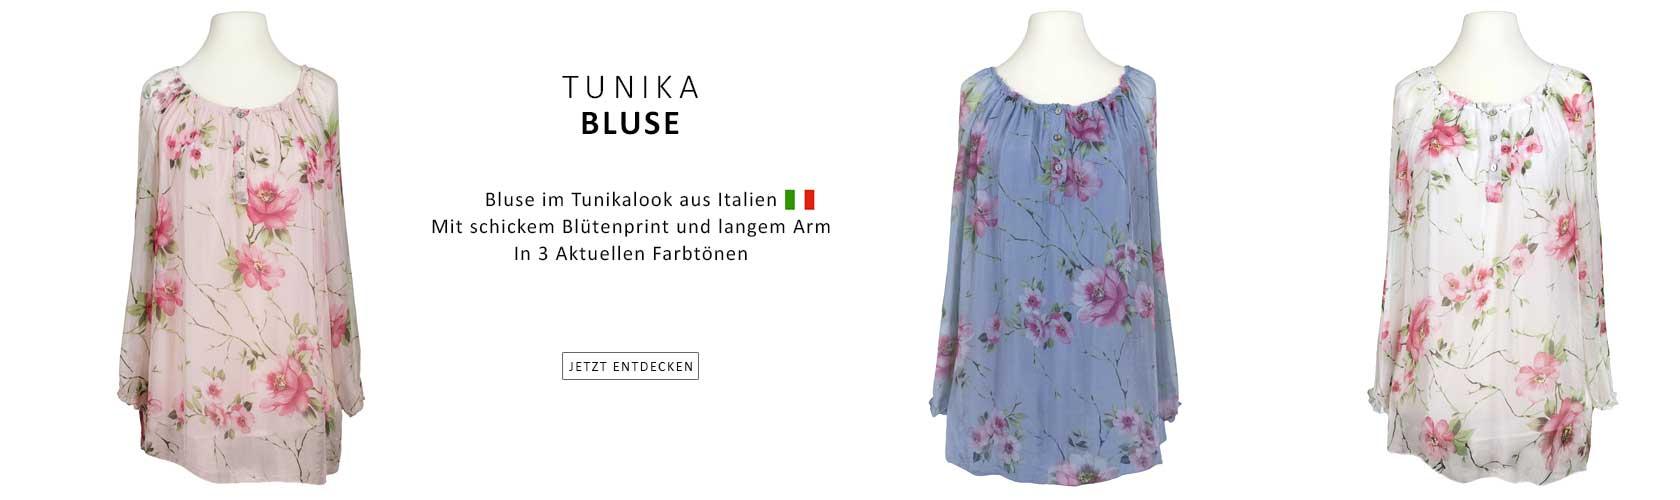 Tunika Bluse aus Italien